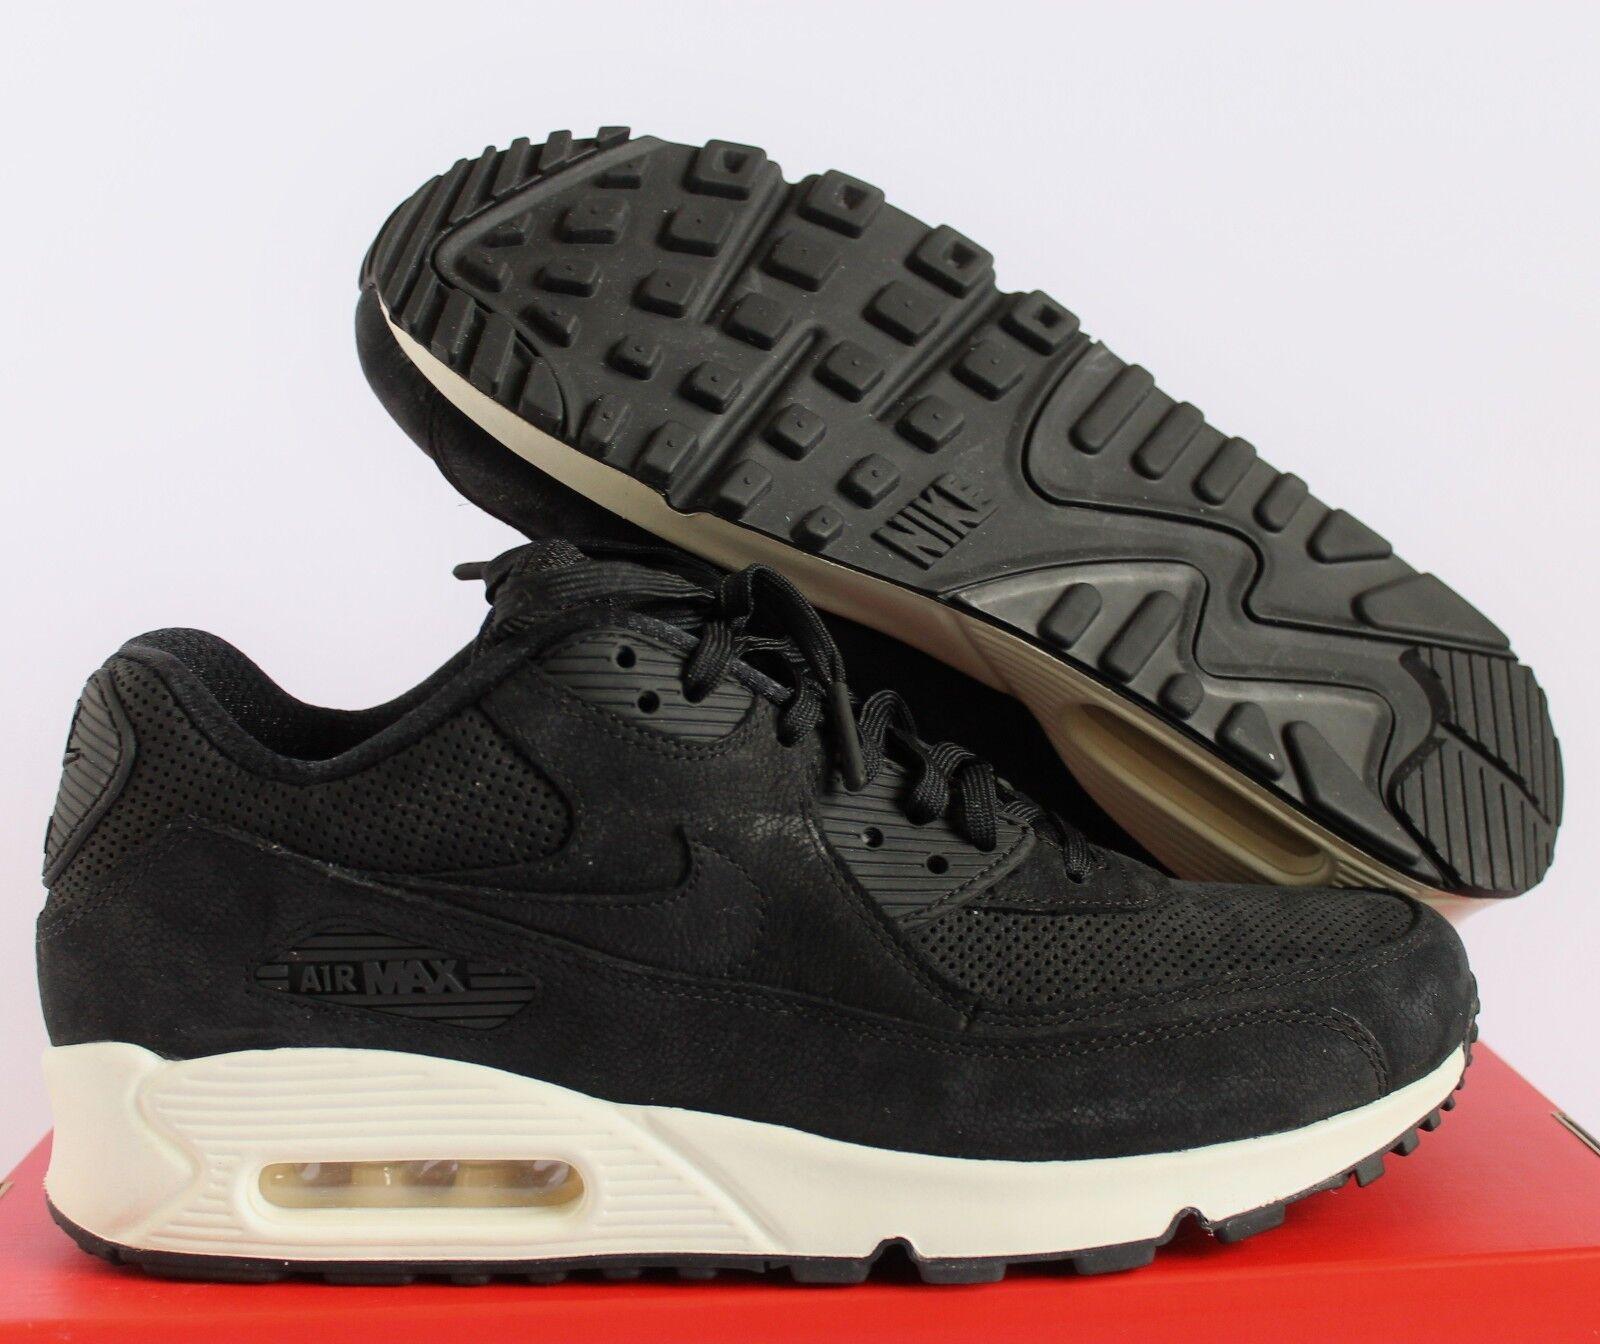 Mujeres Nike Air reducción Max 90 Pinnacle Negro-sail reducción Air de precio ad4bf0